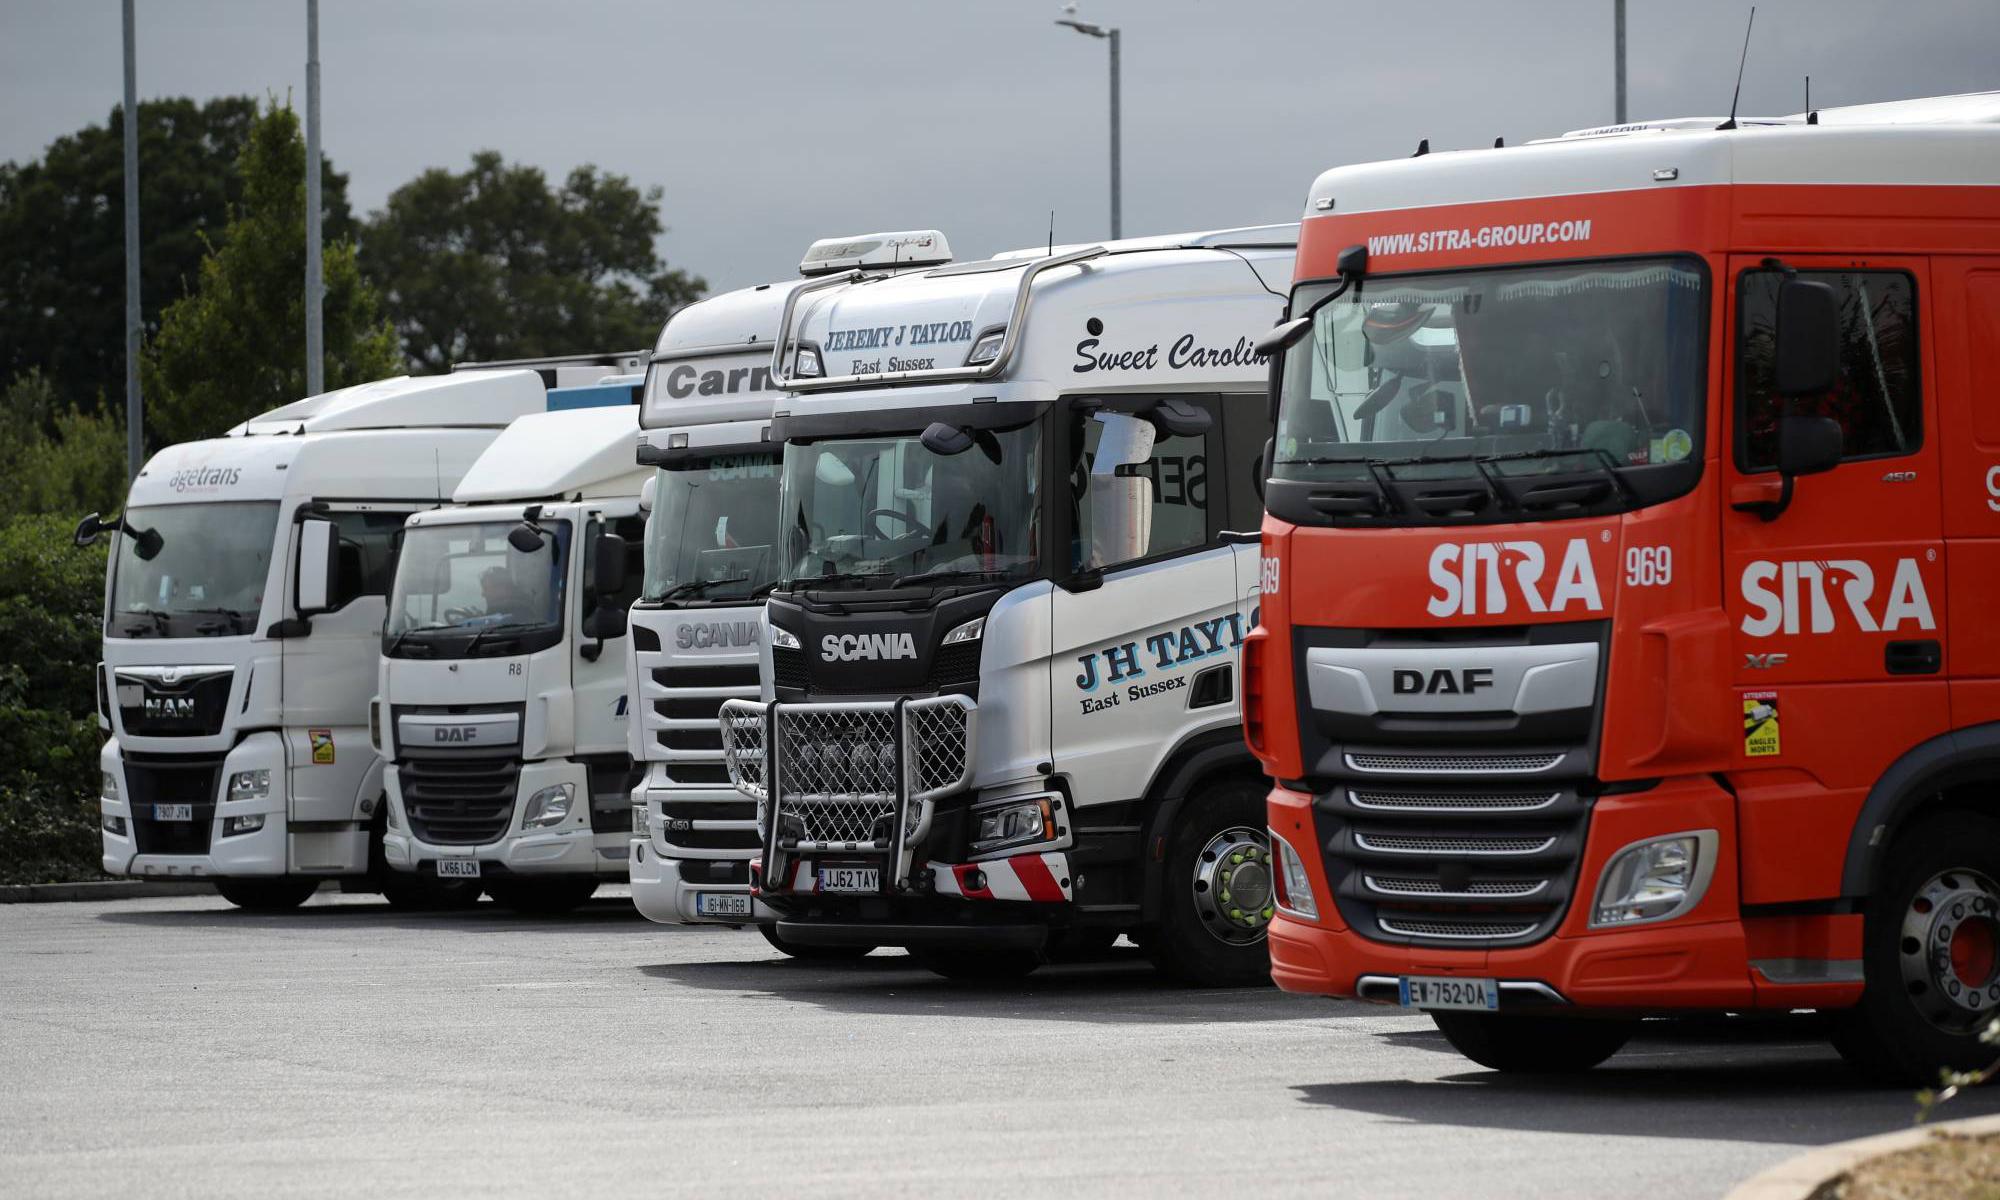 Các xe tải tại một bãi đậu xe trên cao tốc ở Cobham, Anh, hôm 31/8. Ảnh: Reuters.